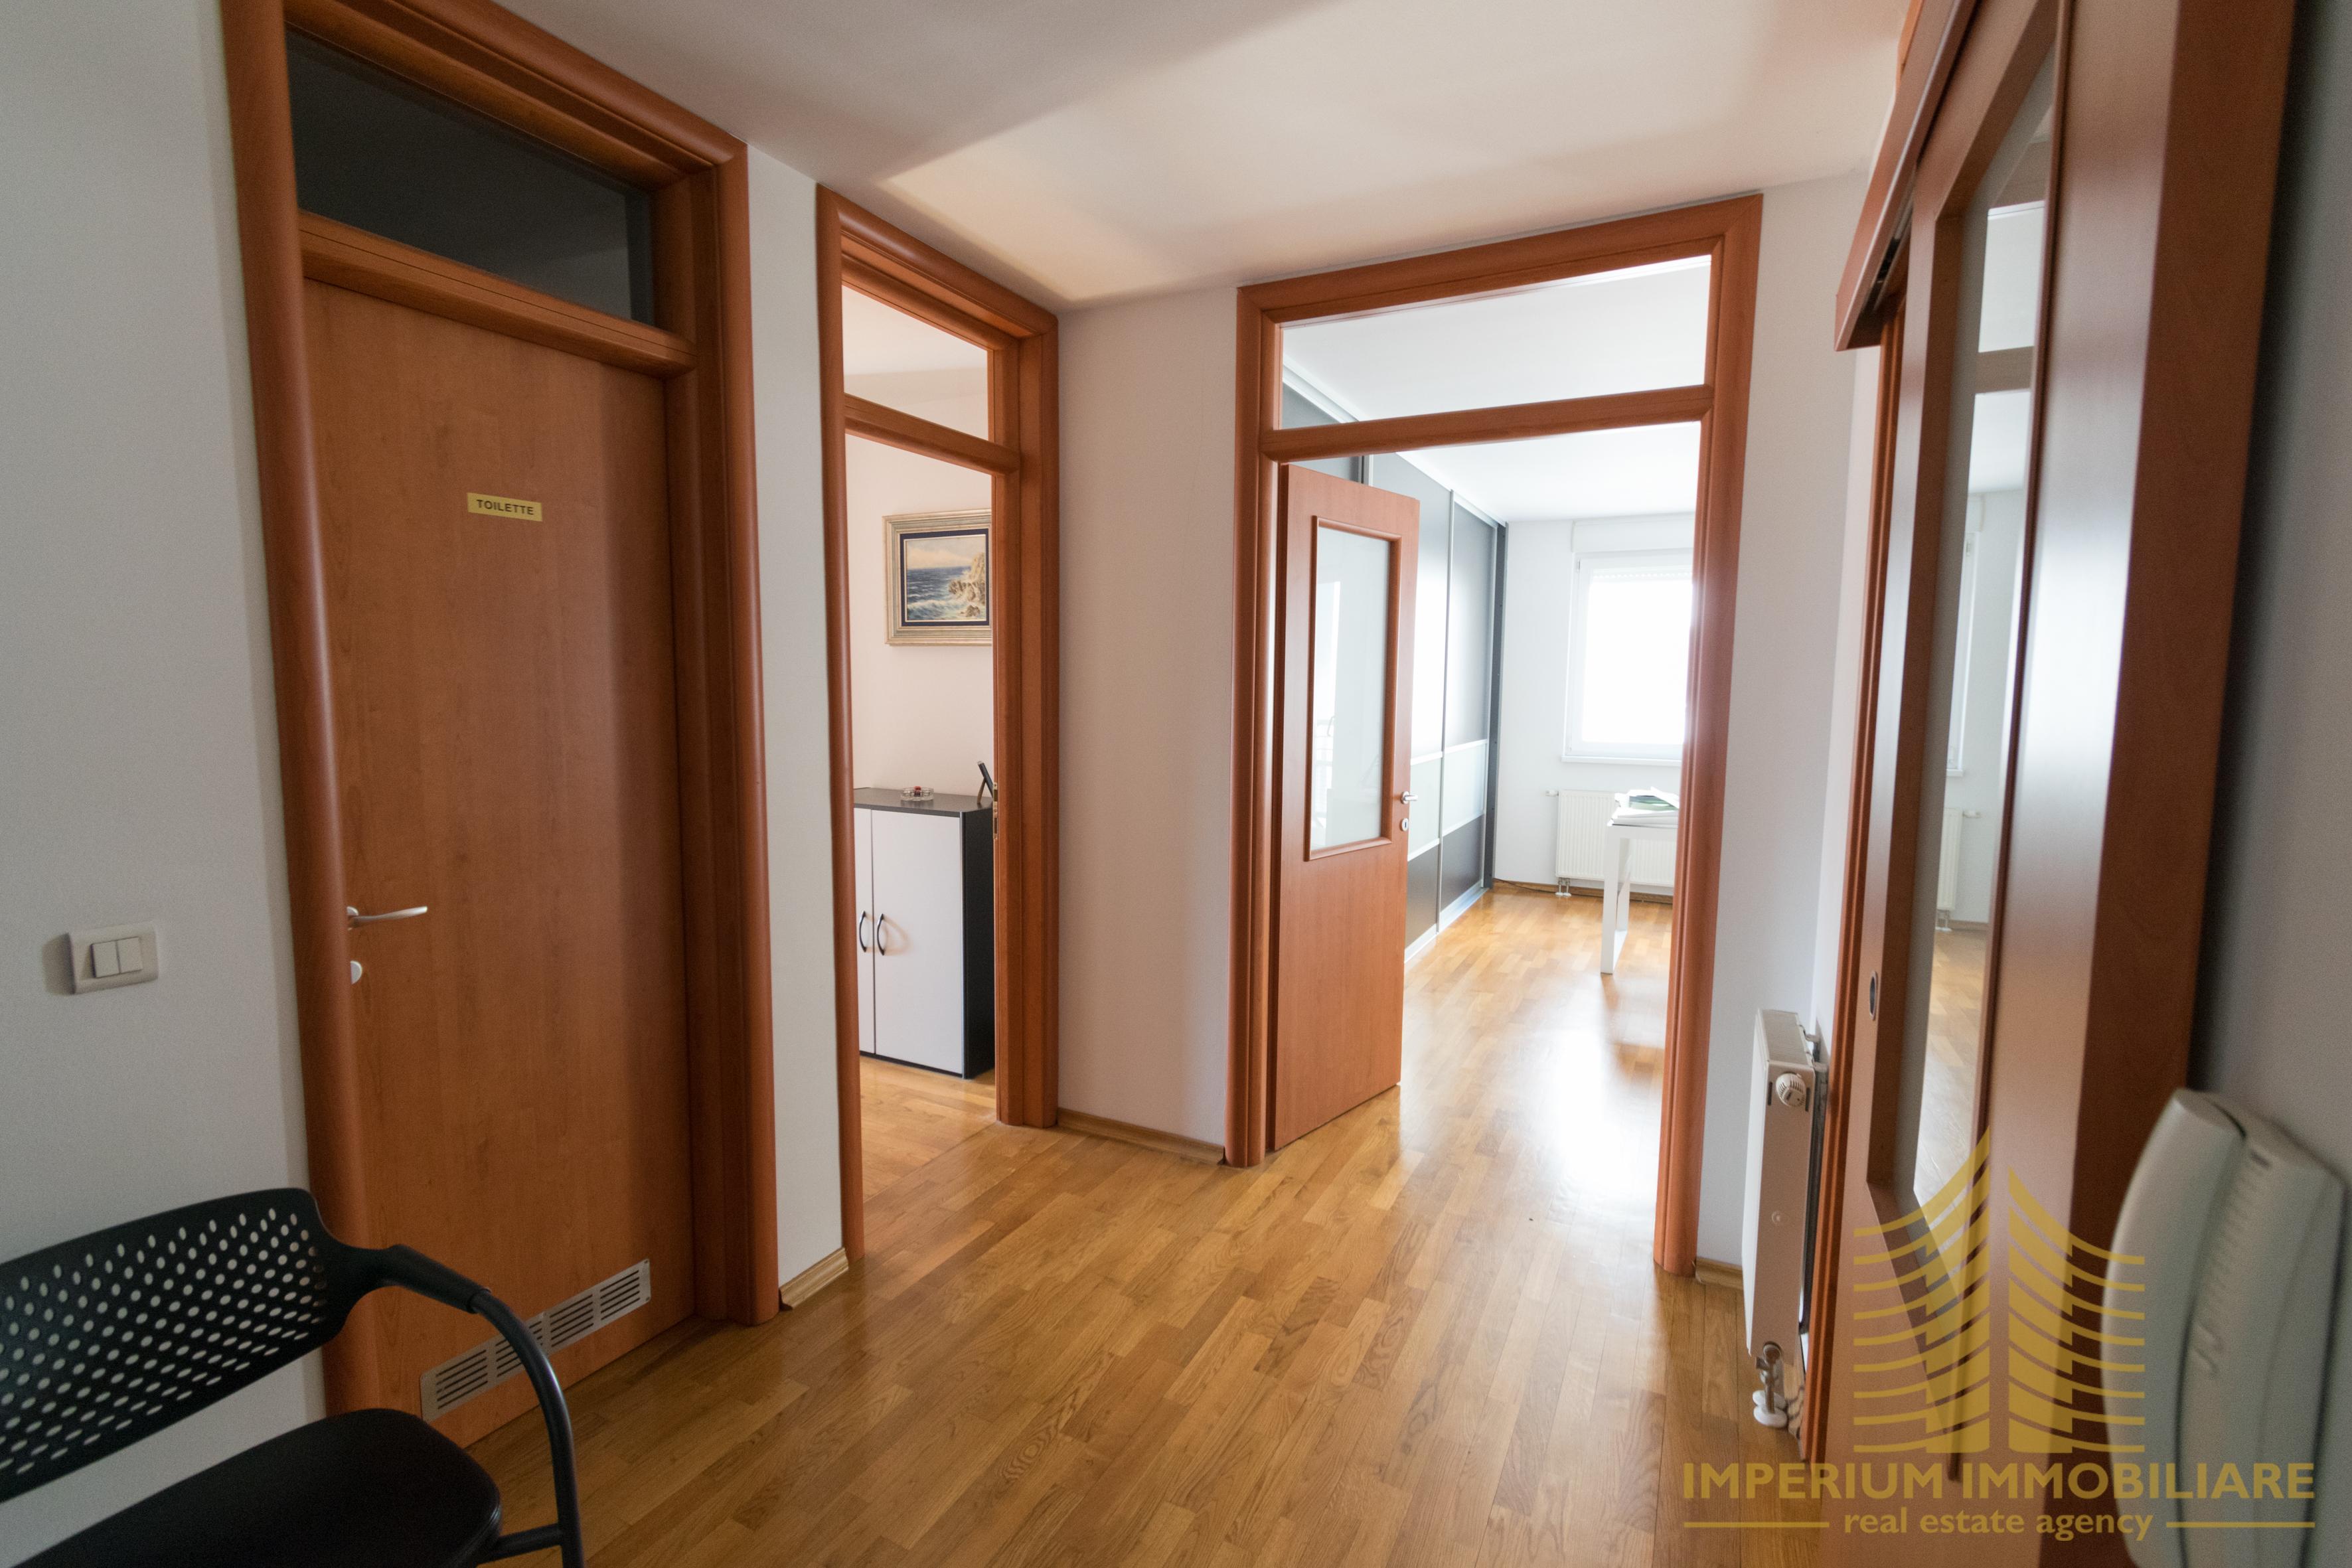 Poslovni prostor: Zagreb (Trešnjevka), uredski, 62 m2, PRILIKA (iznajmljivanje)